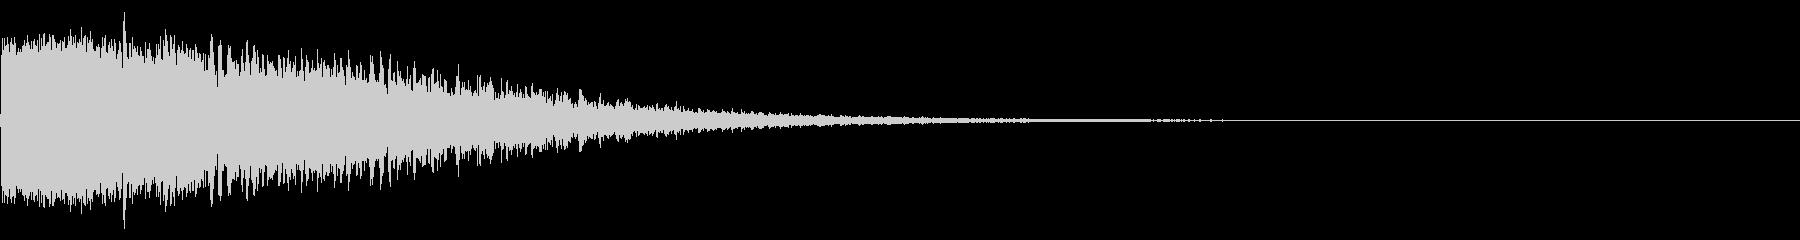 ダメージ音01(魔法・電子系)の未再生の波形